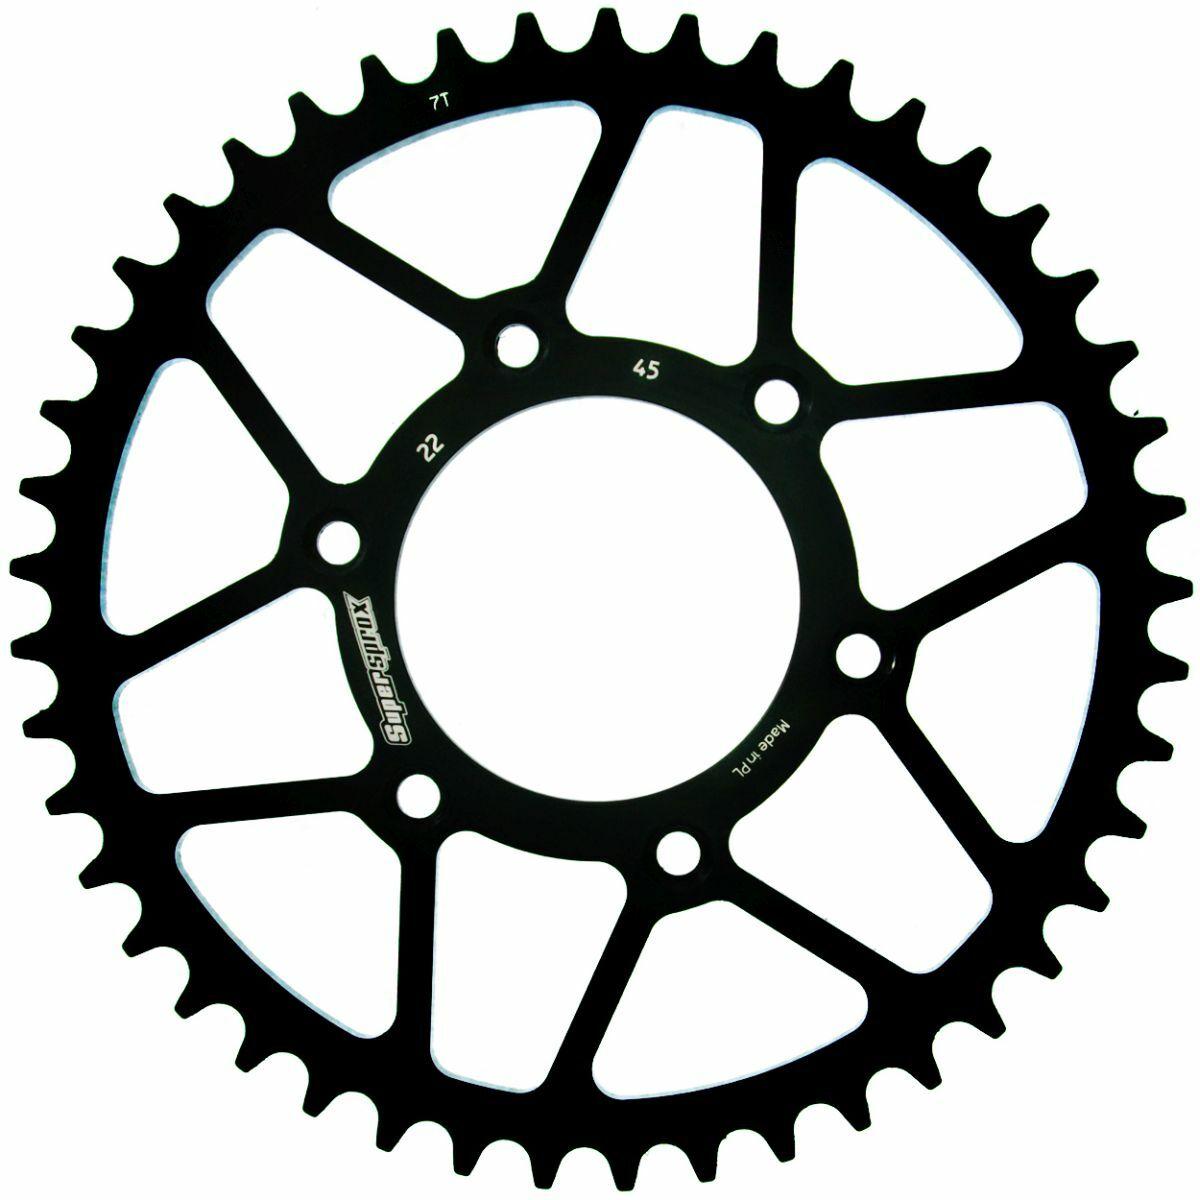 Obrázek produktu Řetězová rozeta SUPERSPROX černý 45 zubů, 520